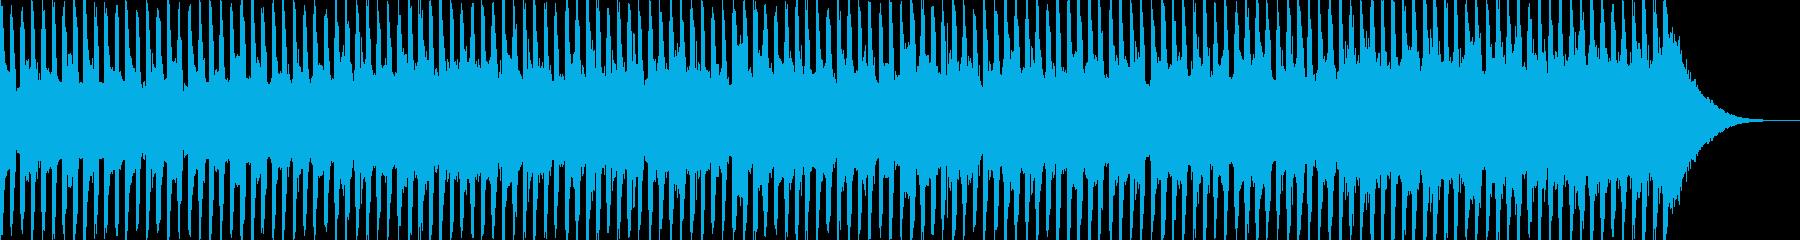 企業VP系17、爽やかギター4つ打ち2bの再生済みの波形